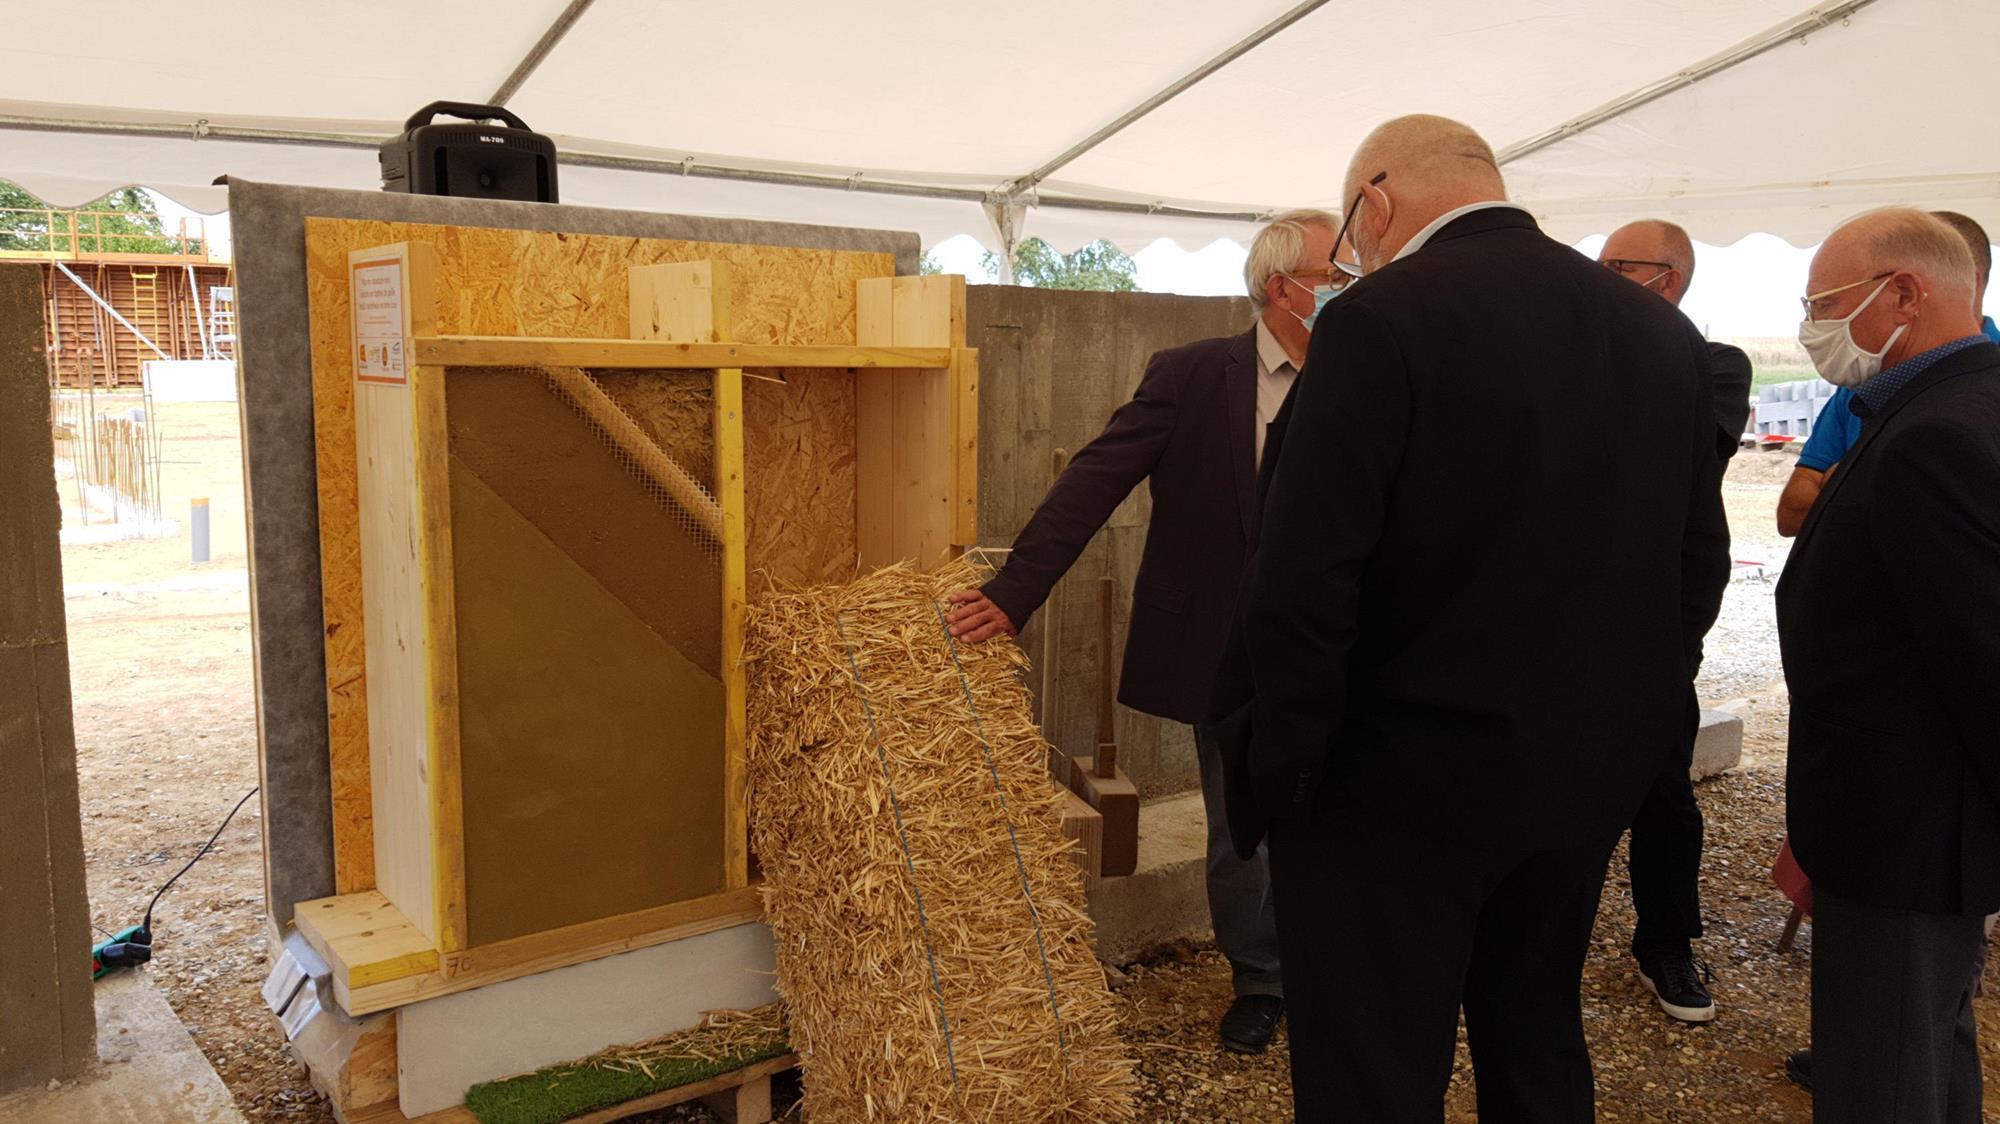 28/08 Pose de la première botte de paille à Iville (27) en présence des élu·es, sénateur·rices et le ministre des Outre-Mer